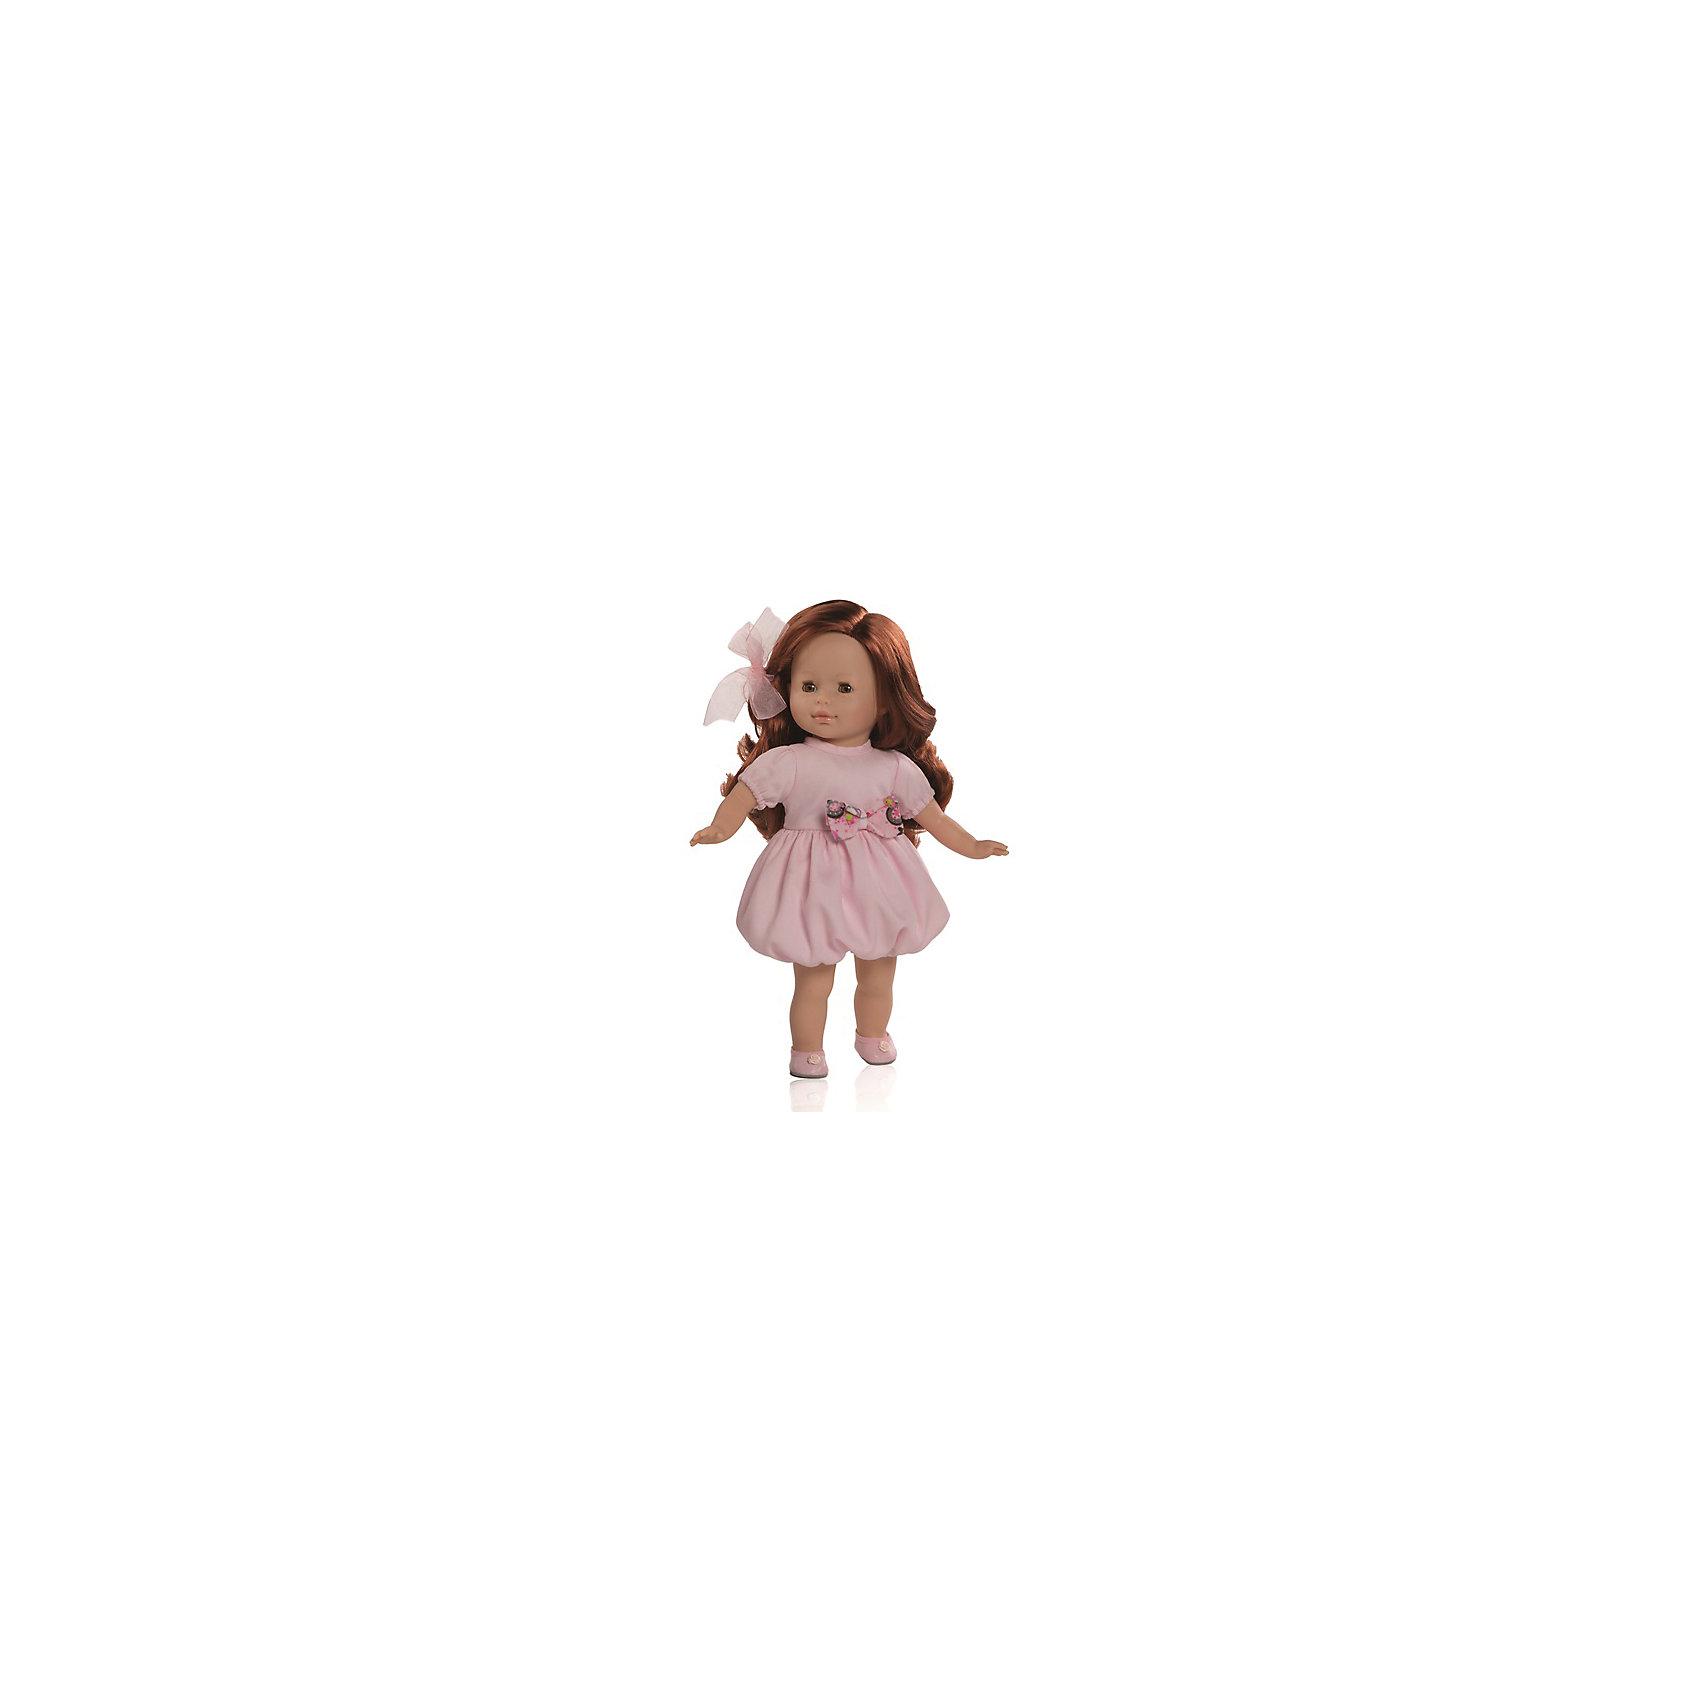 Кукла Анна, 36 см, Paola ReinaКуклы<br>Куклы Паола Рейна с мягконабивным телом, имеют нежный ванильный аромат, одеты в модную яркую одежду с аксессуарами. Выразительная мимика, уникальный и неповторимый дизайн лица и тела.<br>Качество подтверждено нормами безопасности EN71 ЕЭС. <br>Материалы: кукла изготовлена из винила; глаза выполнены в виде кристалла из прозрачного твердого пластика; волосы сделаны из высококачественного нейлона.<br><br>Дополнительная информация:<br><br>- Высота куклы:  36 см<br><br>Куклу Анна, 36 см, Paola Reina (Паола Рейна) можно купить в нашем магазине.<br><br>Ширина мм: 120<br>Глубина мм: 240<br>Высота мм: 490<br>Вес г: 1000<br>Возраст от месяцев: 36<br>Возраст до месяцев: 144<br>Пол: Женский<br>Возраст: Детский<br>SKU: 4086806